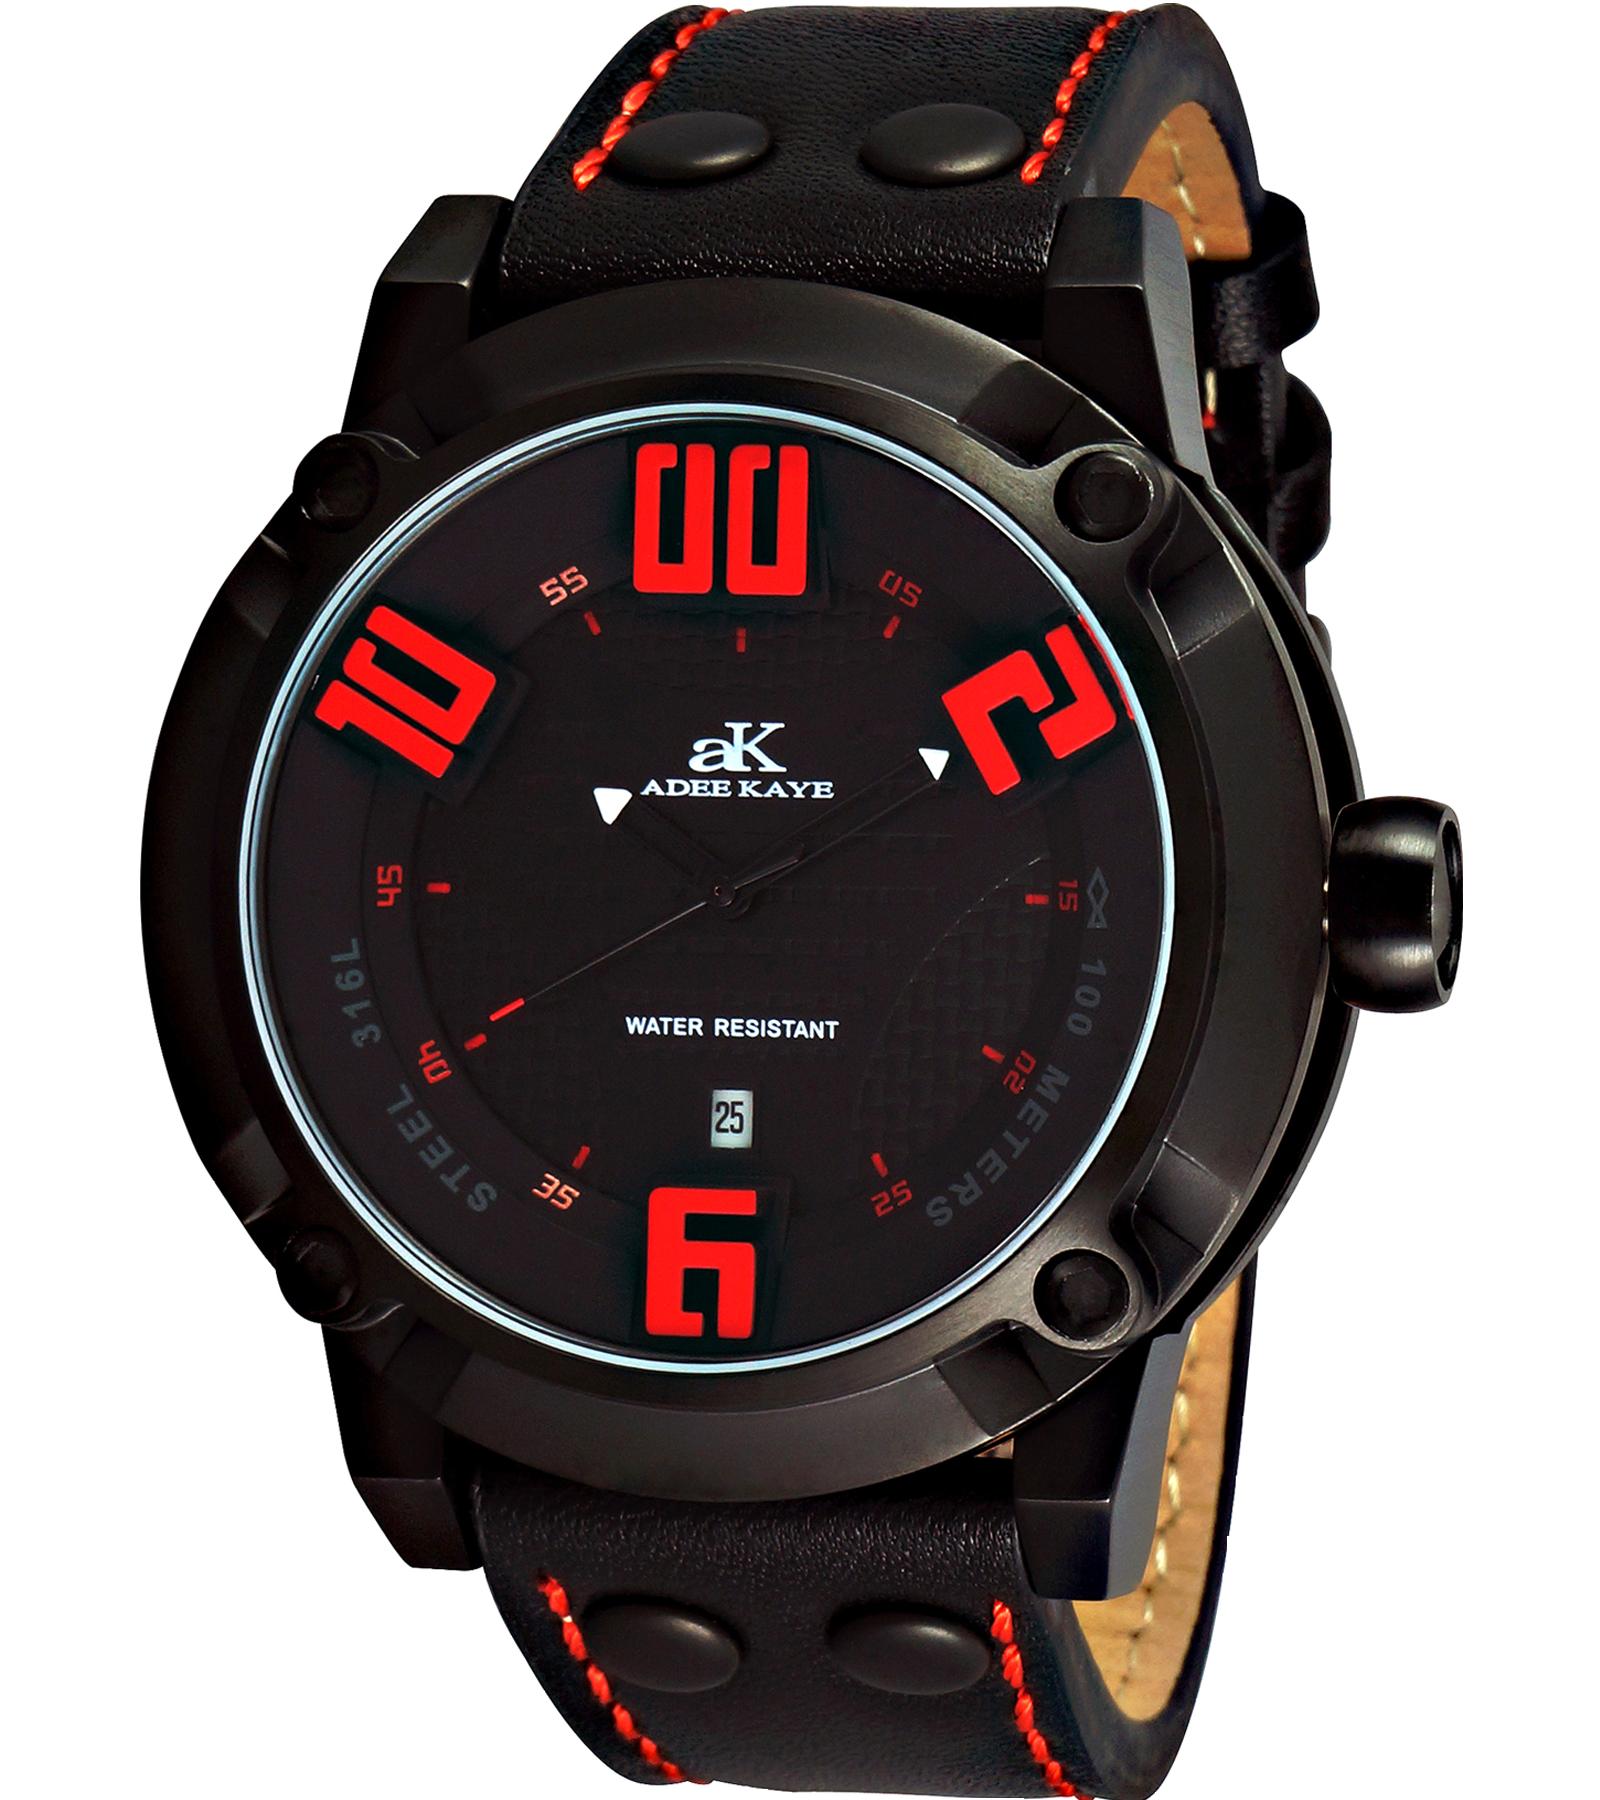 AK7281-MIPB-RED